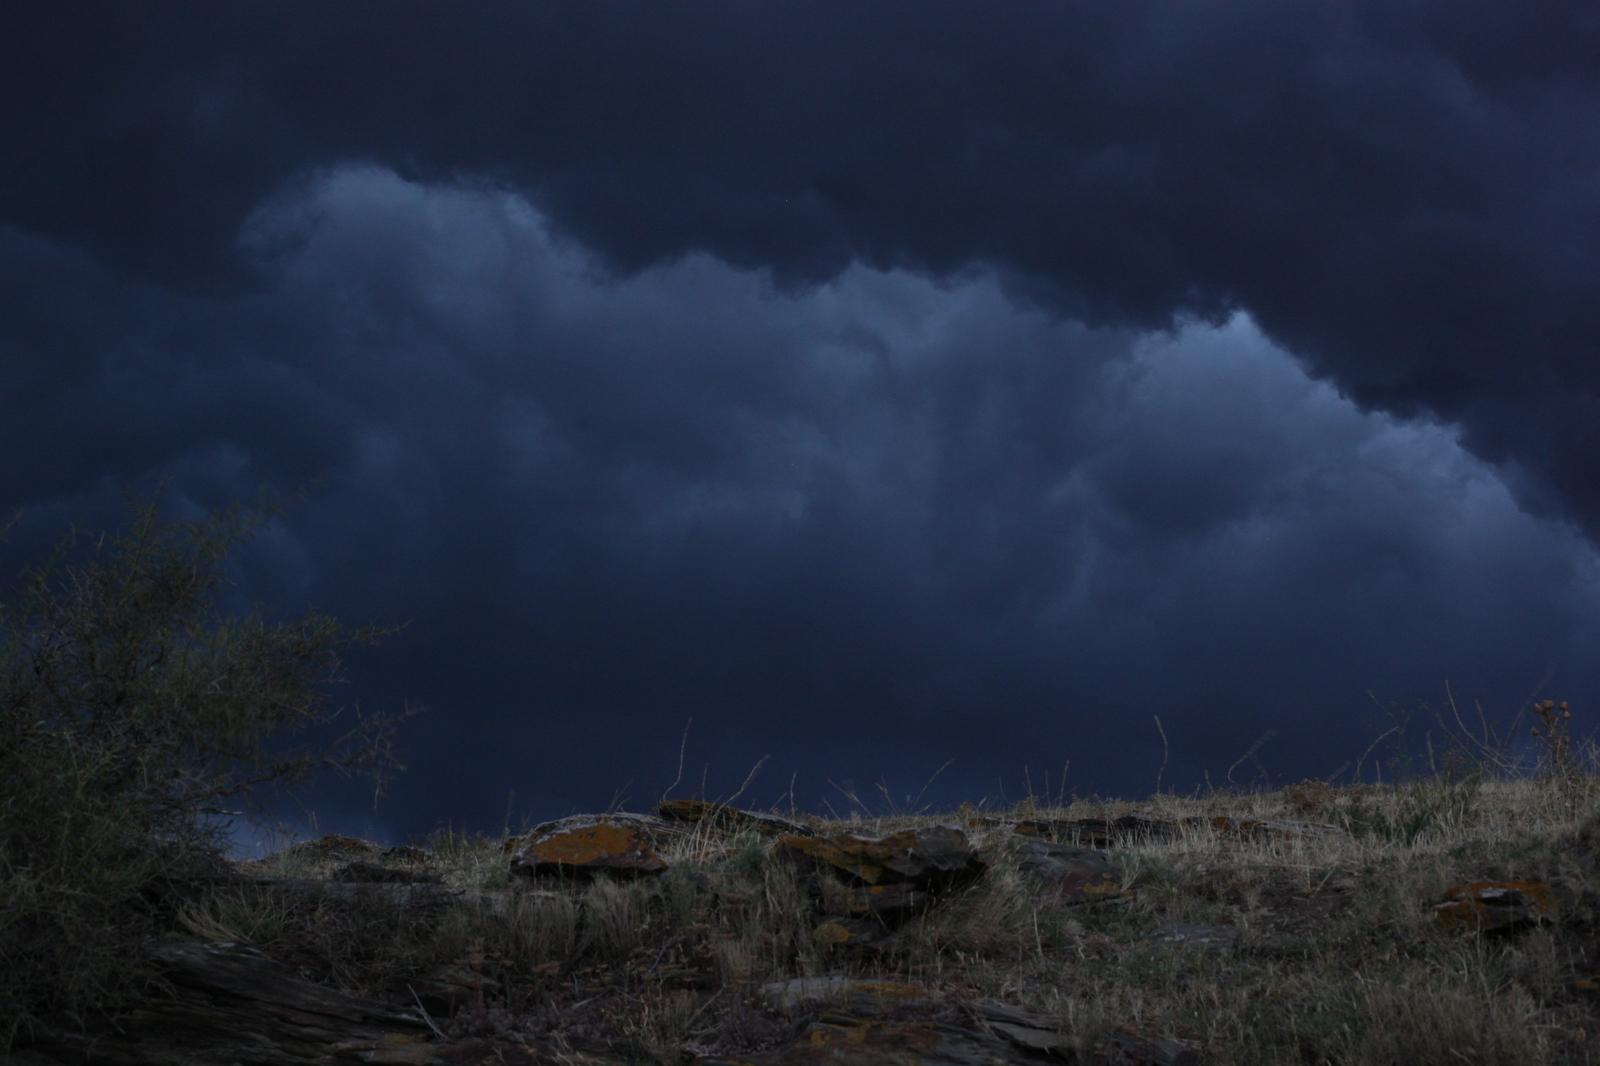 Das Unwetter ist da.